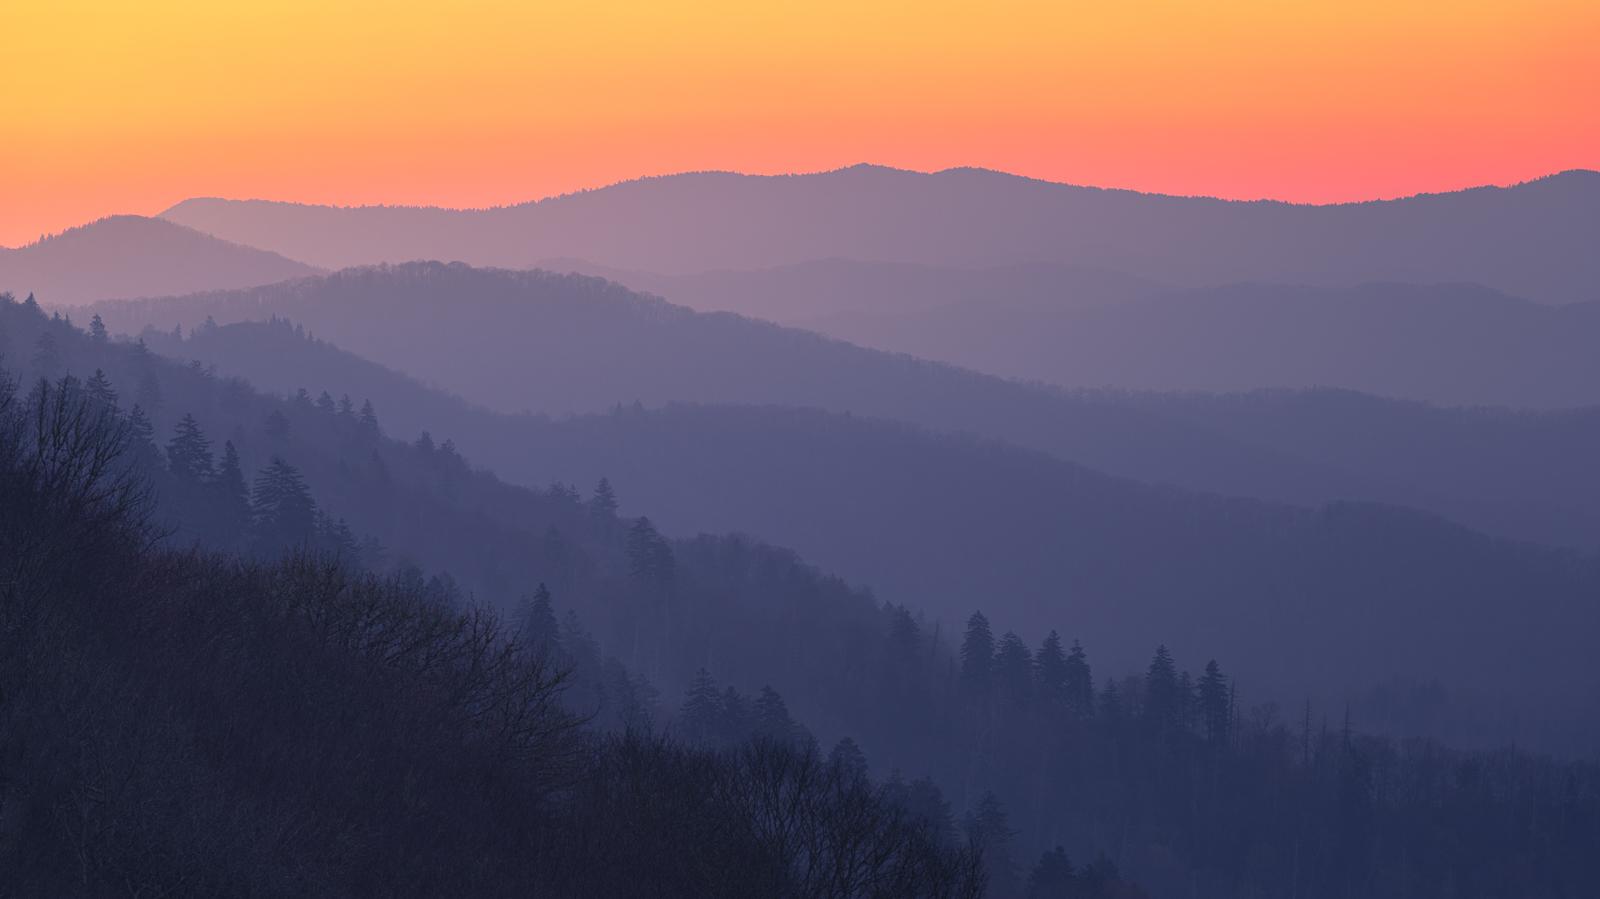 Mountain ridges layerd at sunrise from Oconoluftee Overlook.